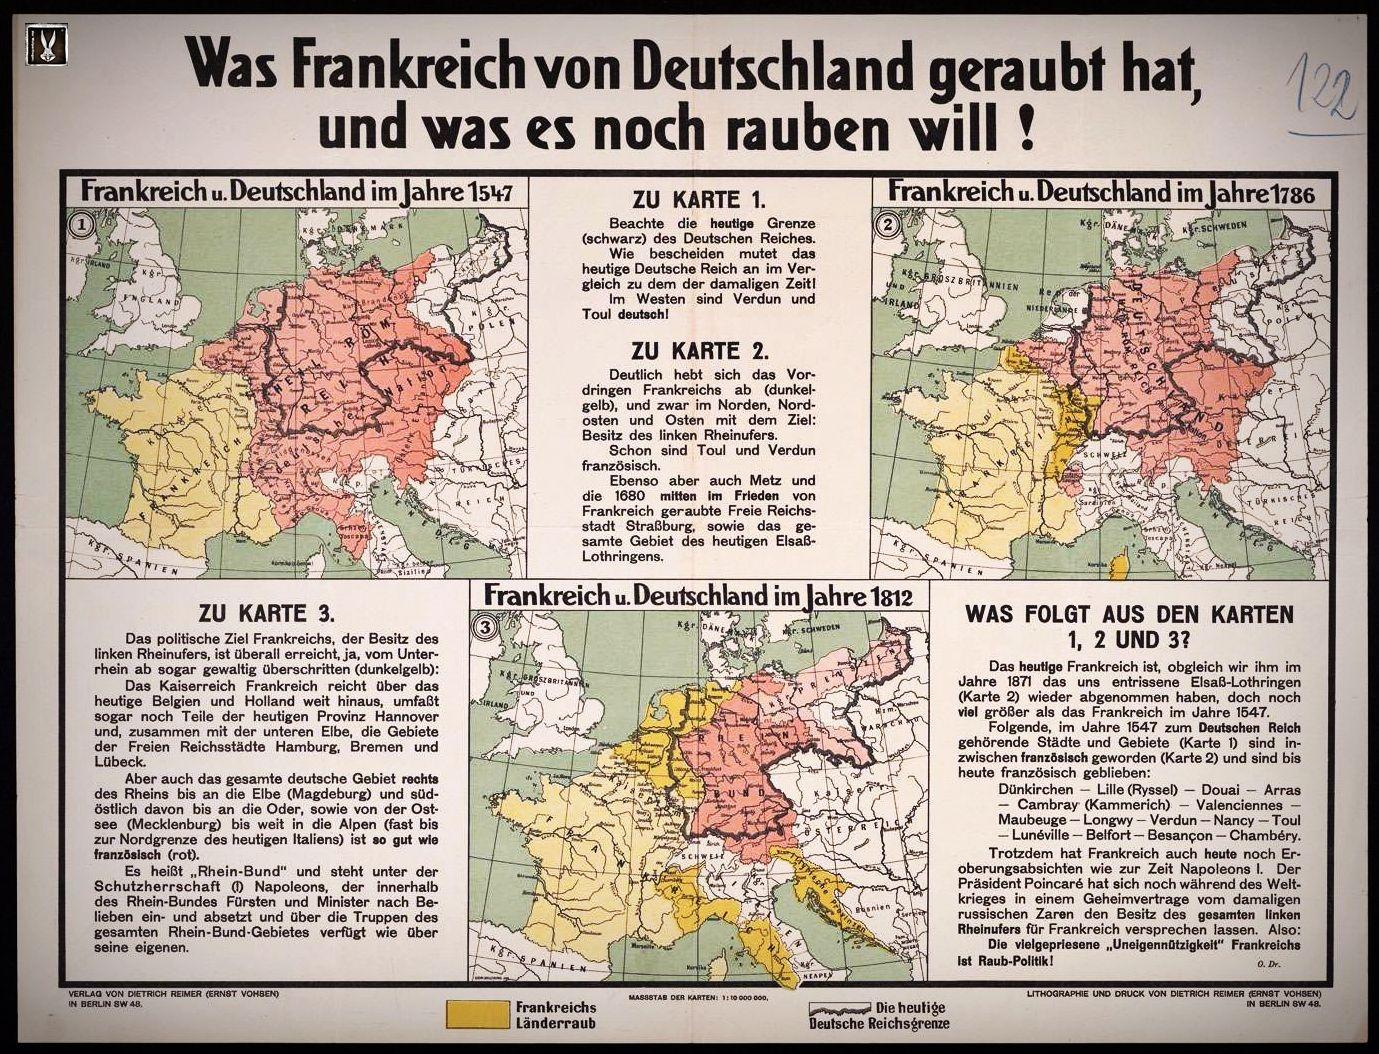 Deutschland Frankreich Karte.Karte 1 Frankreich Und Deutschl Deutschland Bismarck Weimar